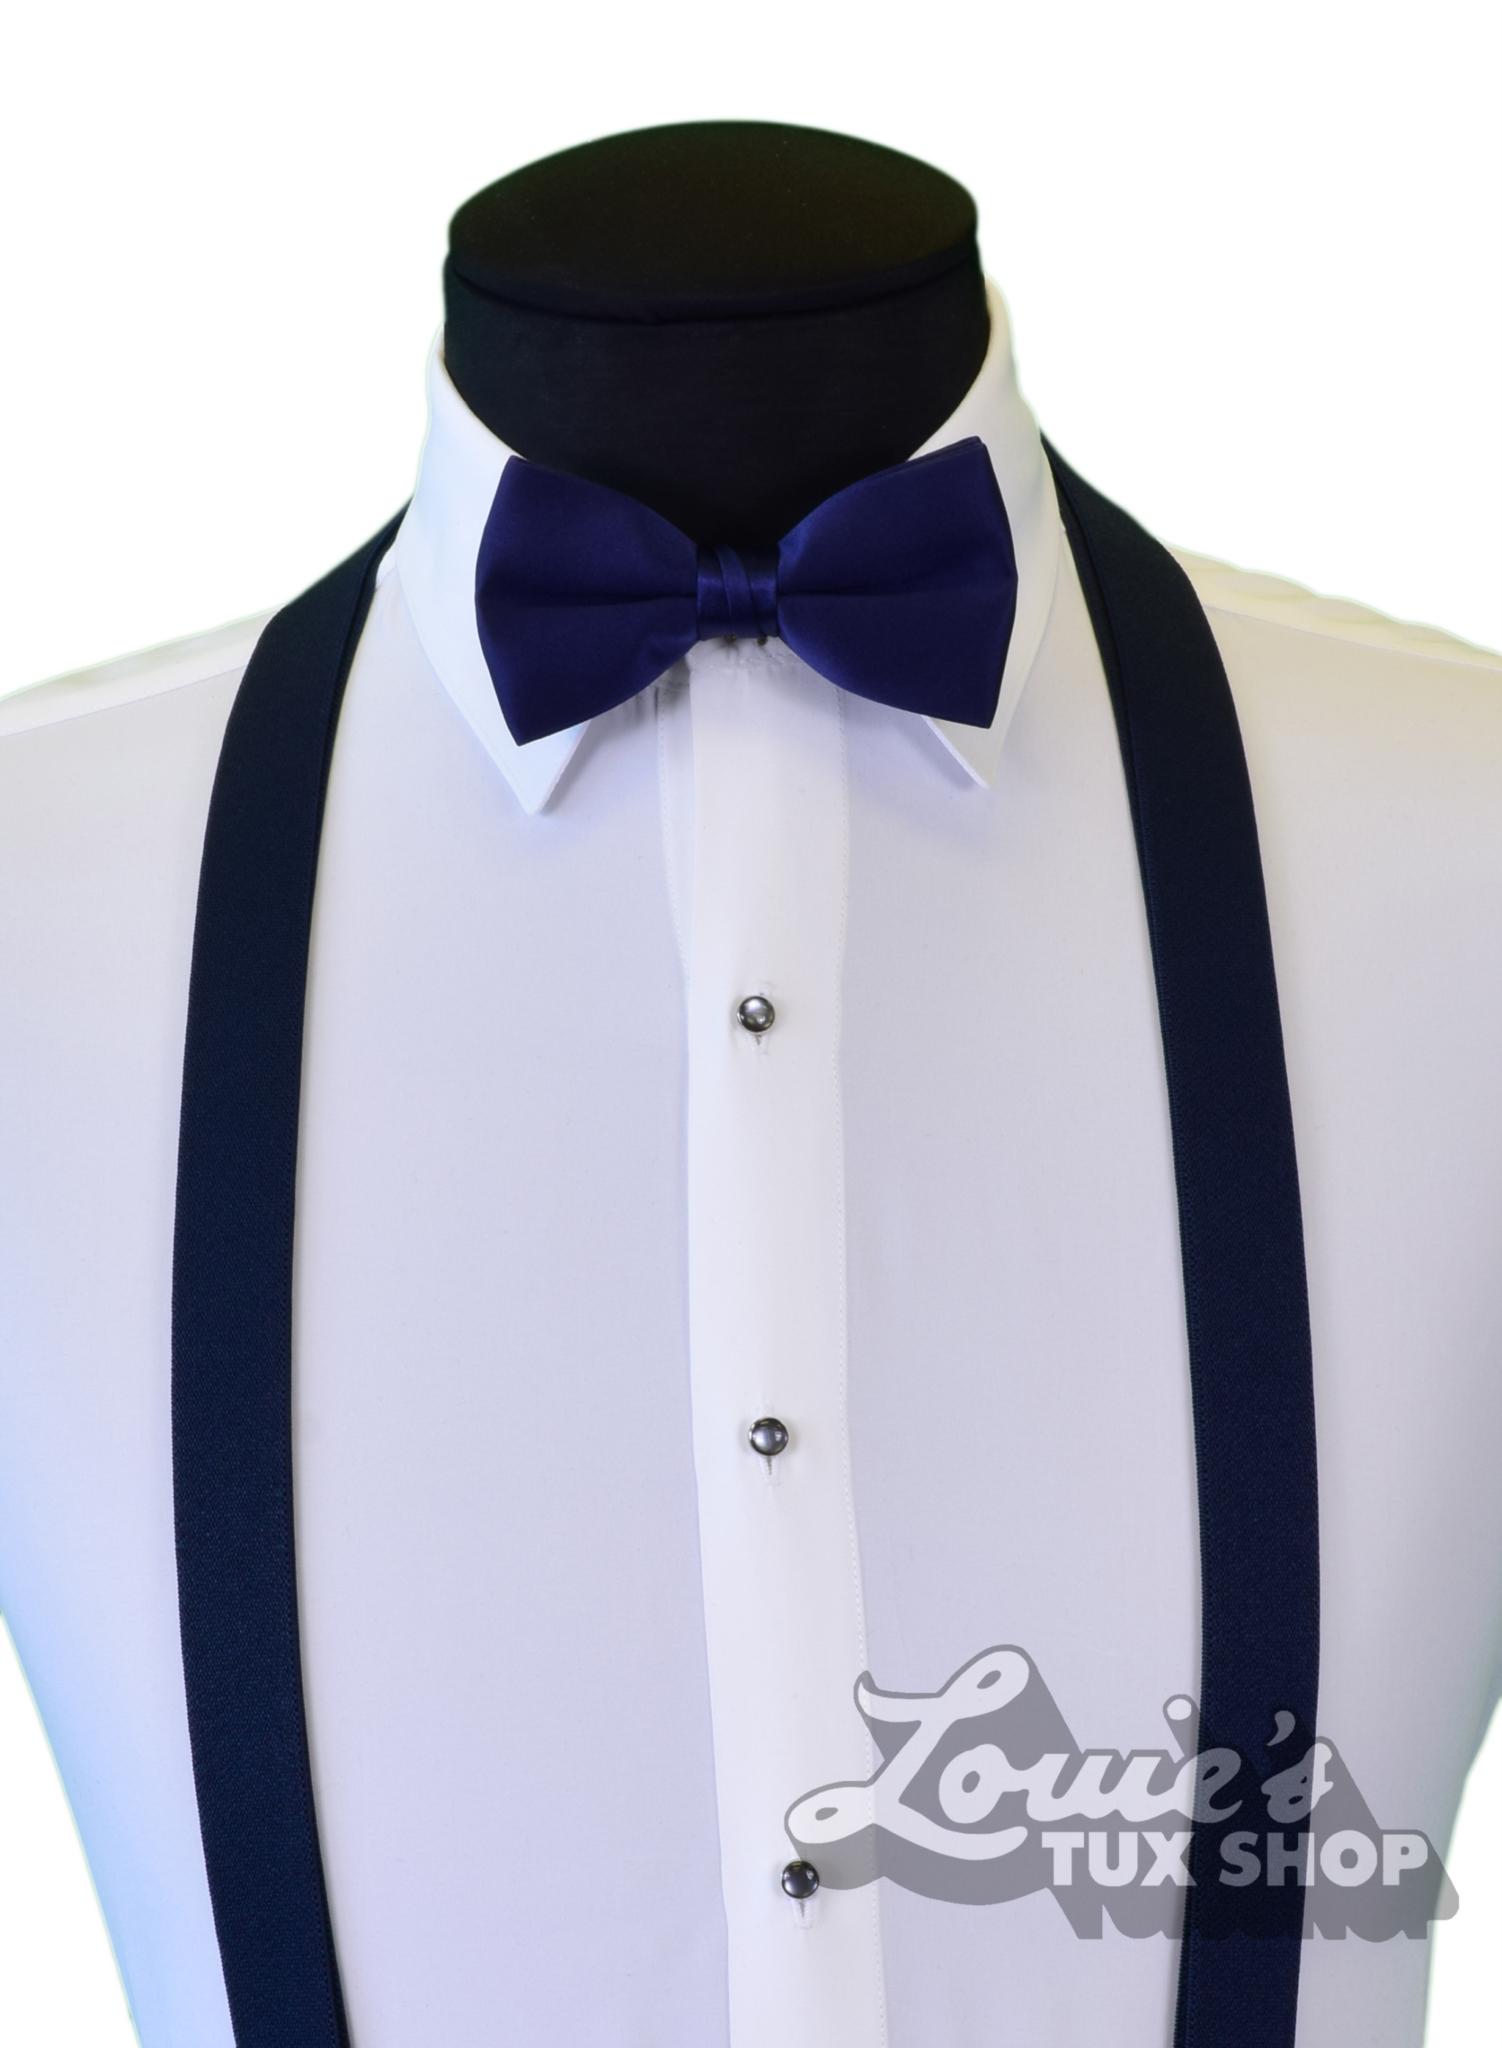 c319c33800ff Louie's Tux Shop   Navy Suspenders